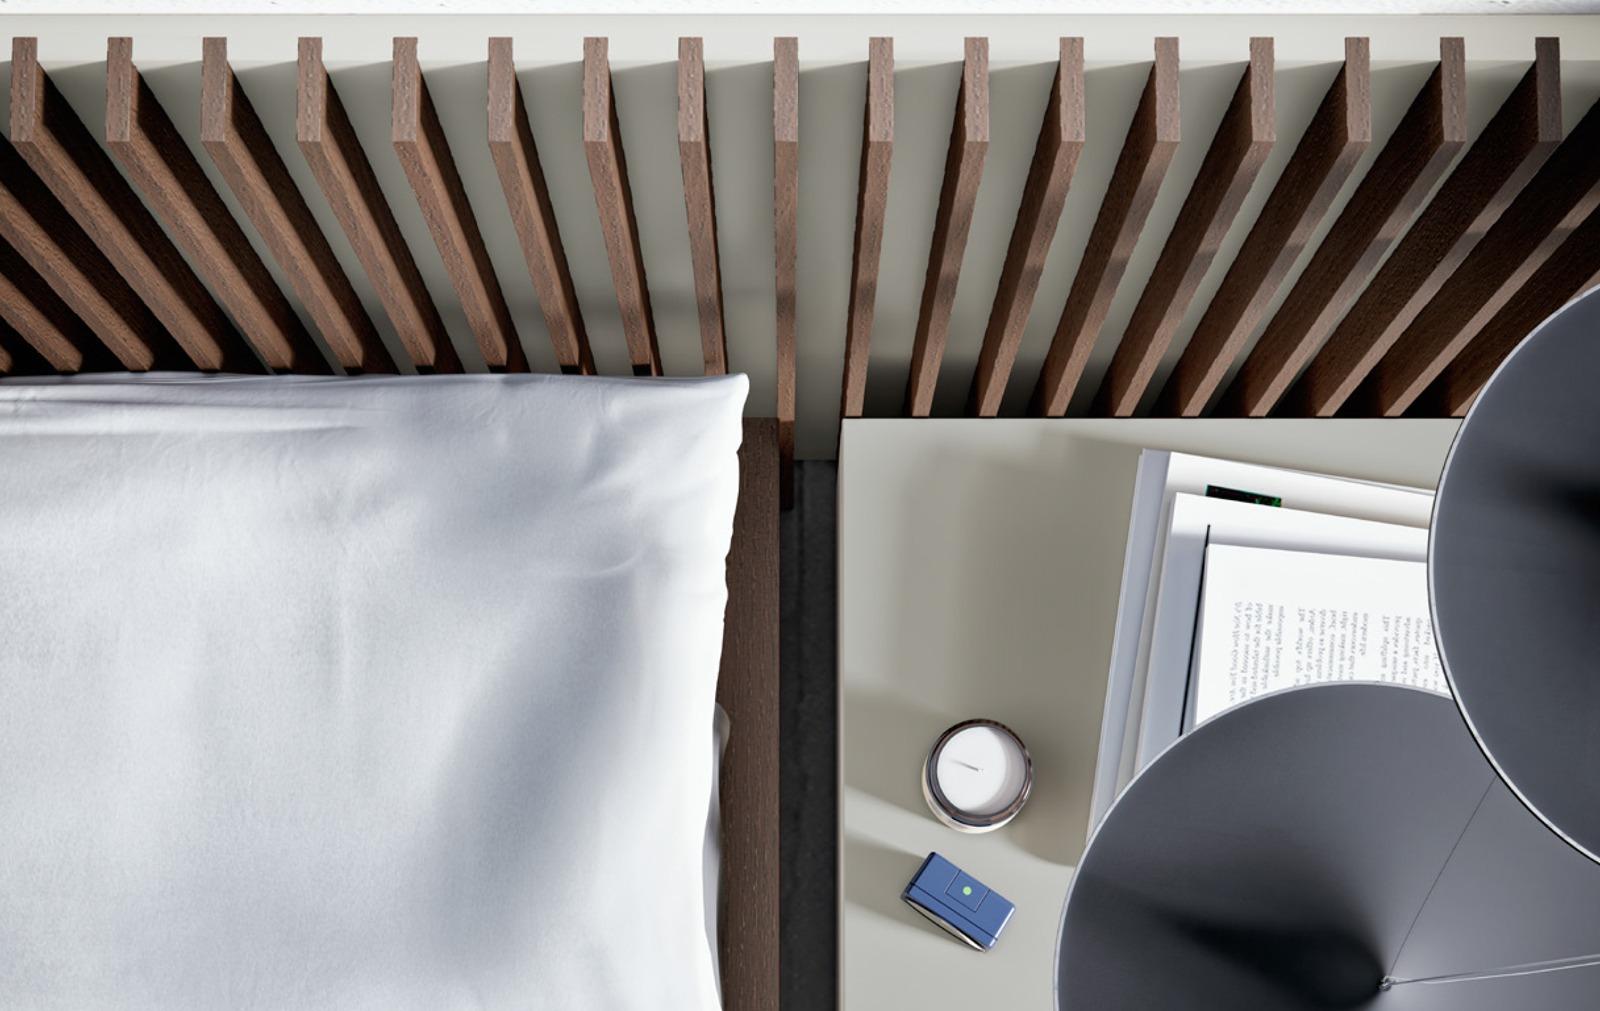 Detall capçal Alix-bedrooms-emede-md-by-mobles-gifreu-llits-grans-matrimoni-singel-disseny-actual-qualitat-premium